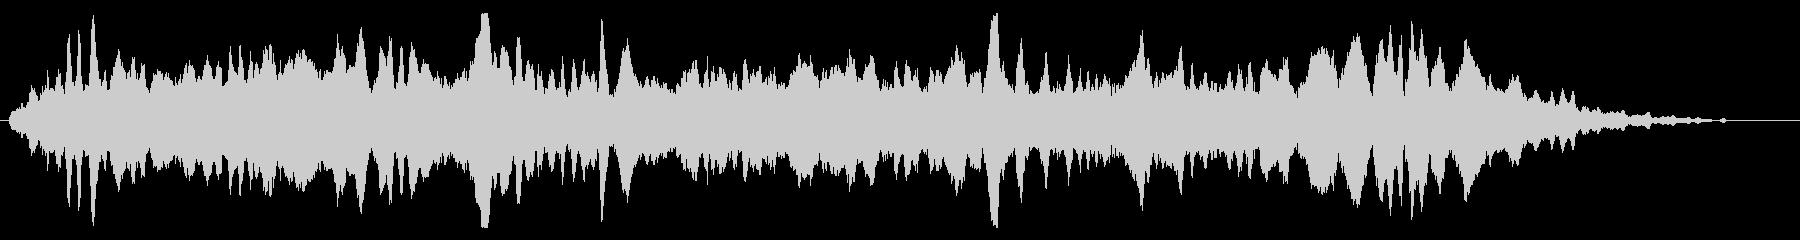 トランジション パッドスイープガラ...の未再生の波形